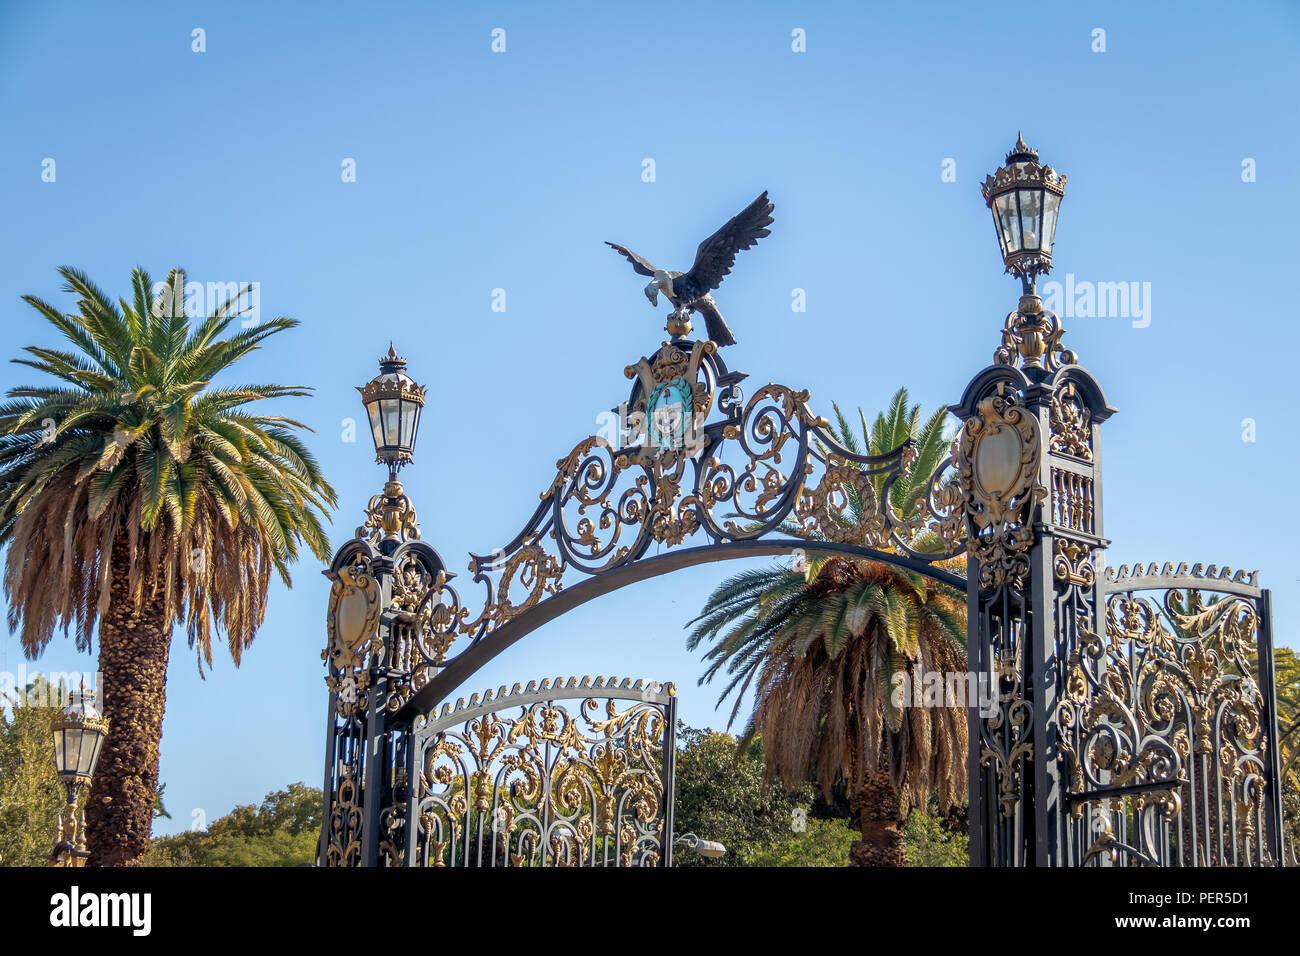 Park Gates (Portones del Parque) at General San Martin Park - Mendoza, Argentina - Stock Image